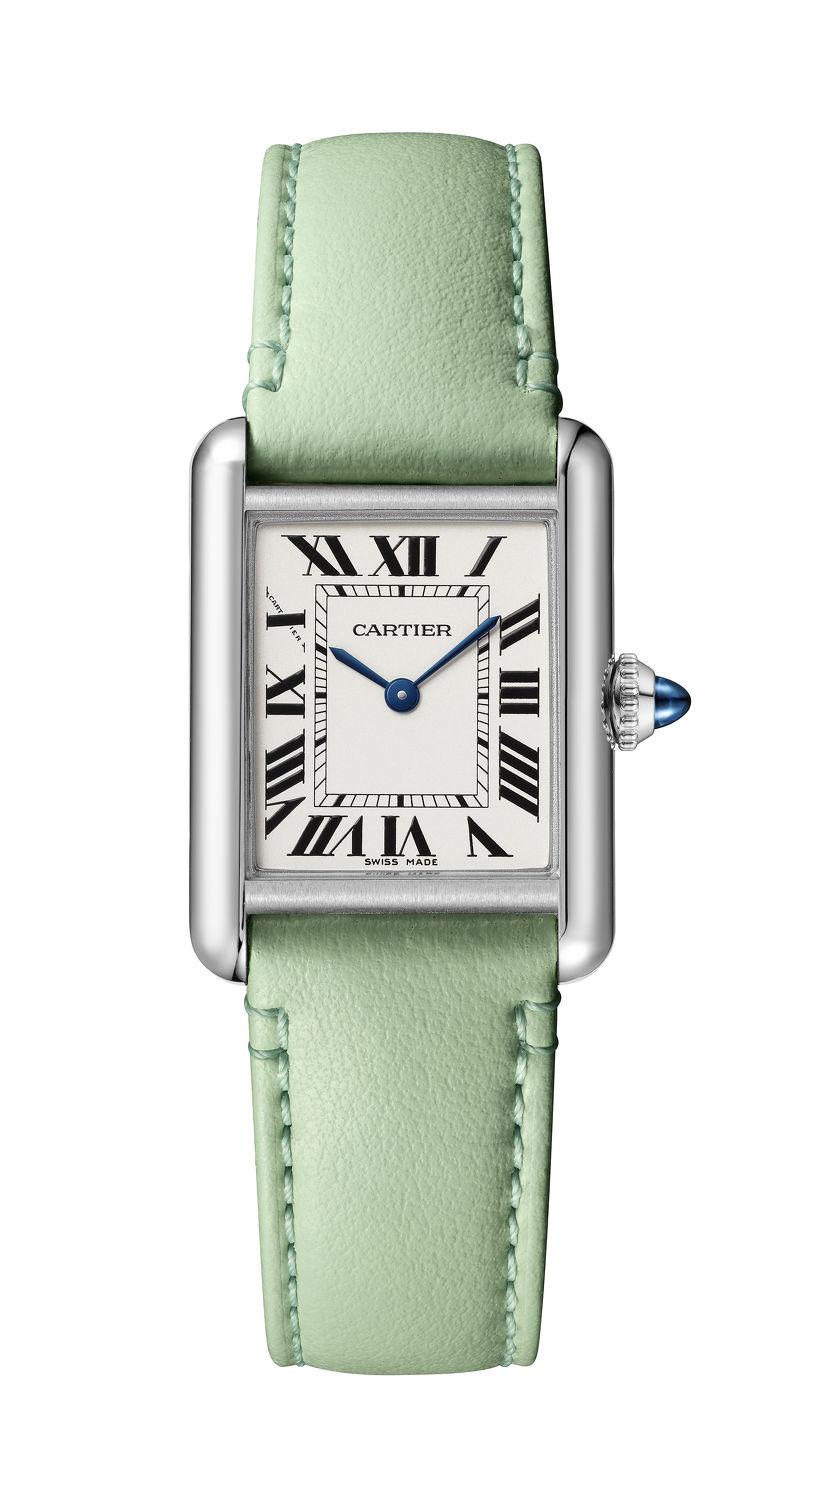 cartier watch green